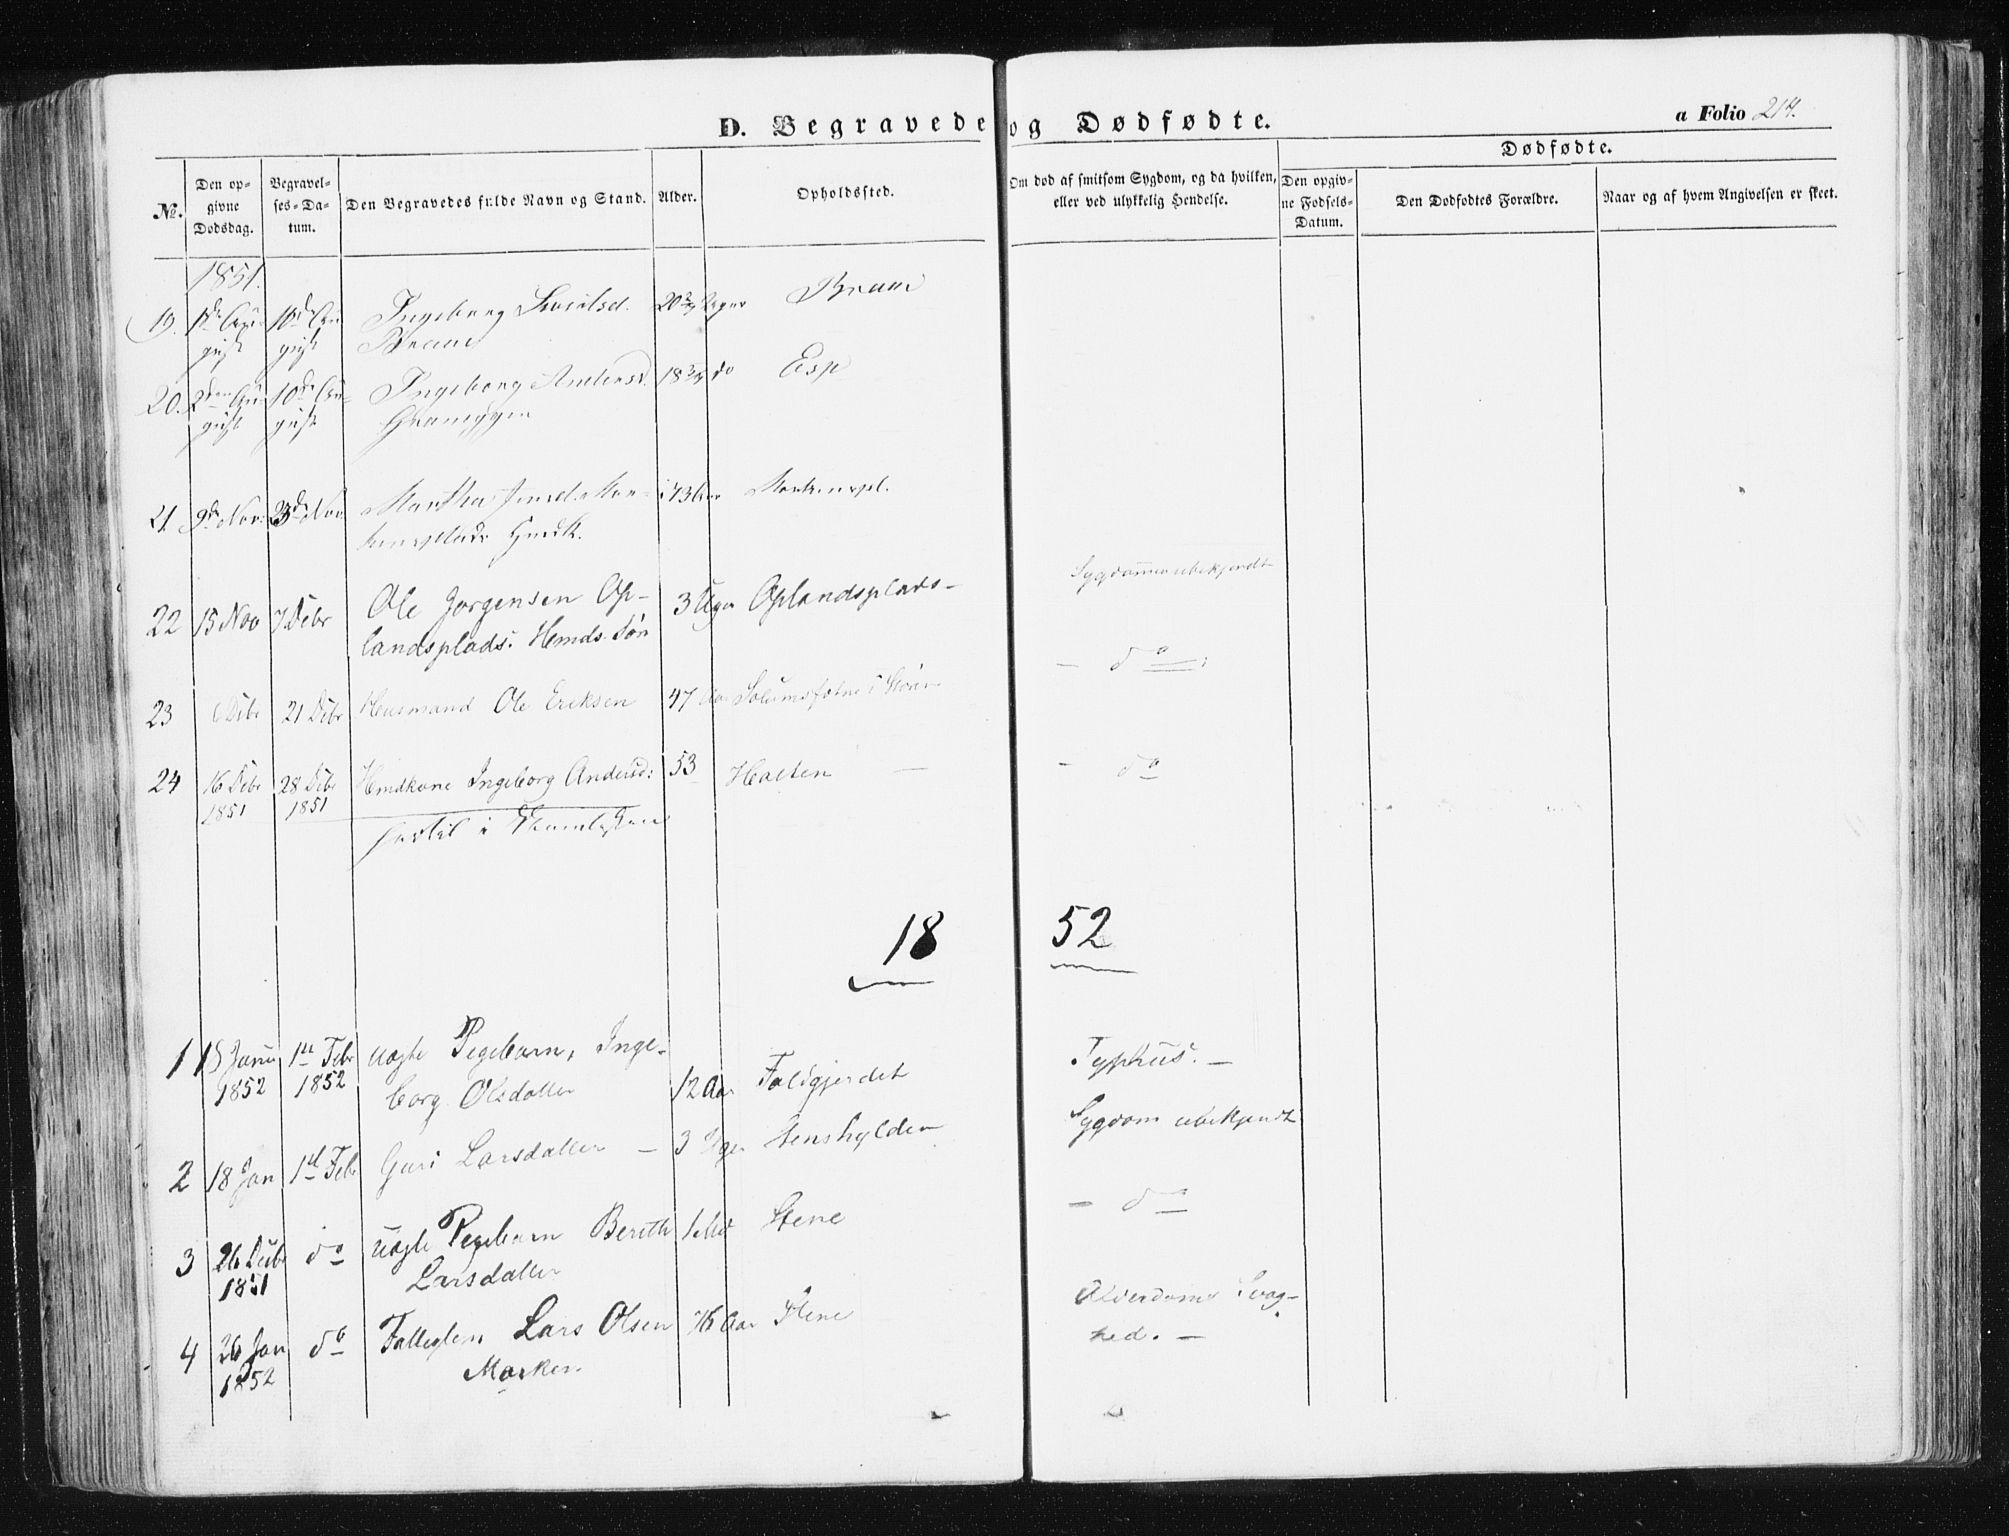 SAT, Ministerialprotokoller, klokkerbøker og fødselsregistre - Sør-Trøndelag, 612/L0376: Ministerialbok nr. 612A08, 1846-1859, s. 214